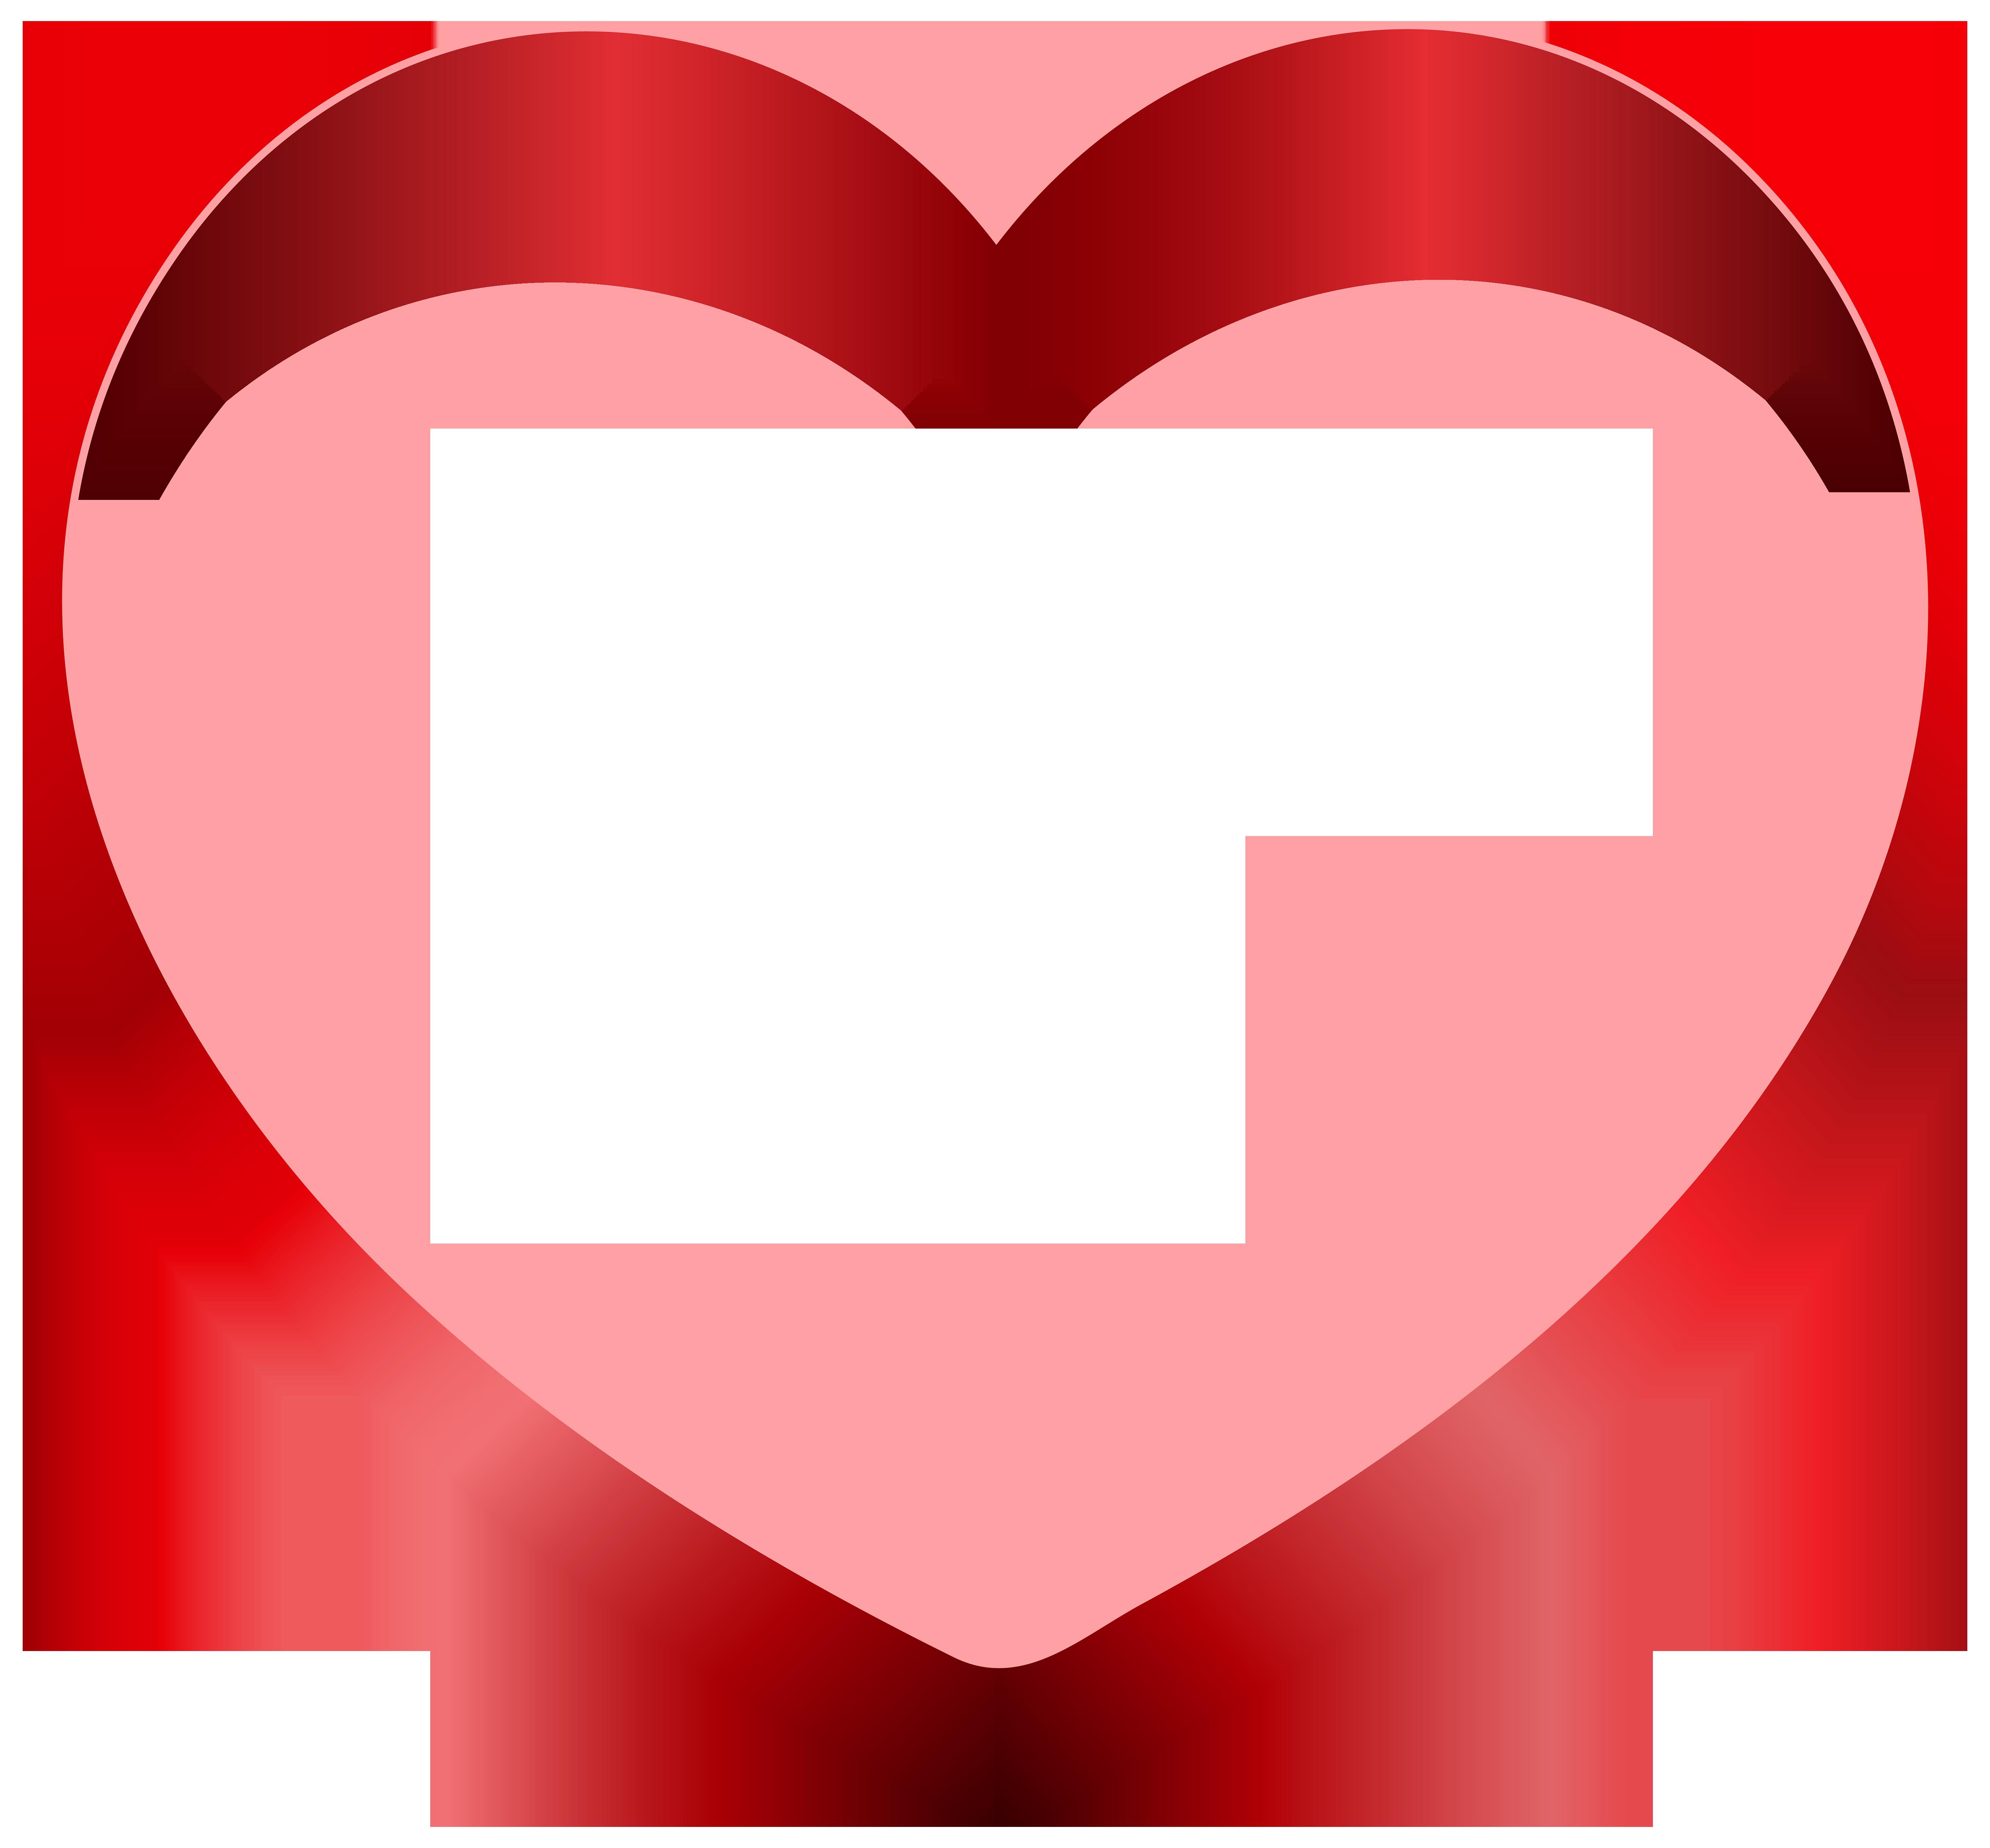 Transparent Heart PNG Clipart - Best WEB Clipart